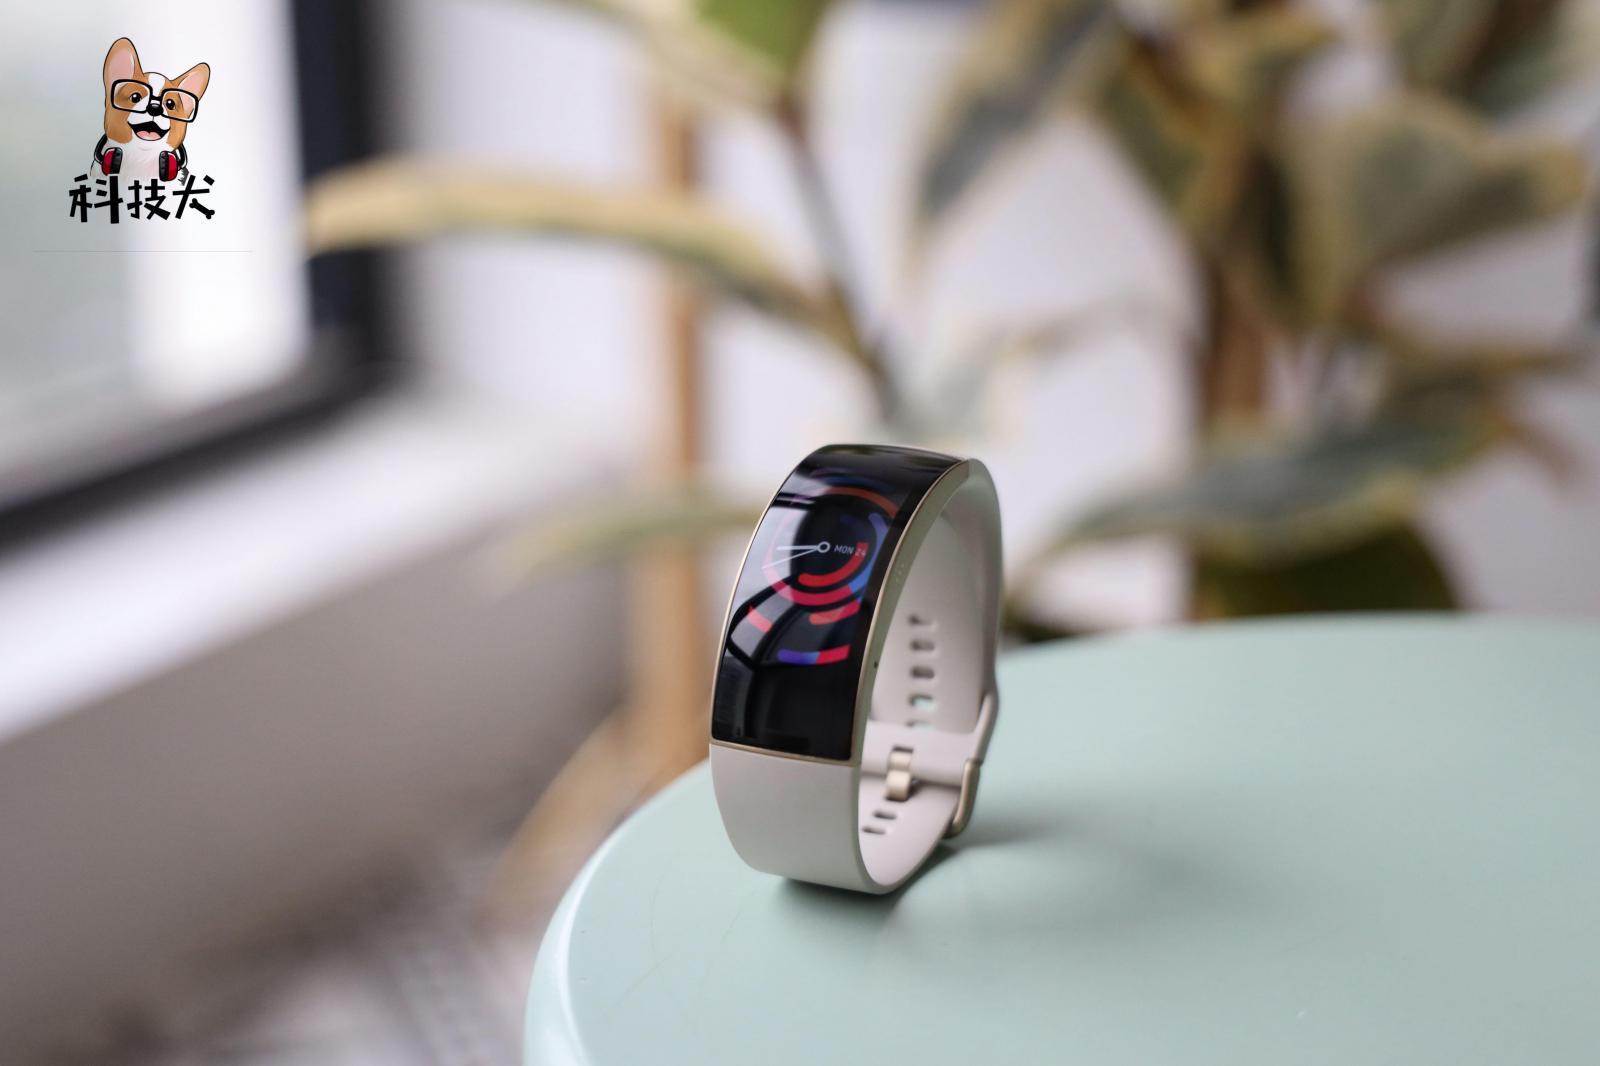 「科技犬」值得买智能运动装备盘点:腕表T恤蓝牙降噪耳机任选